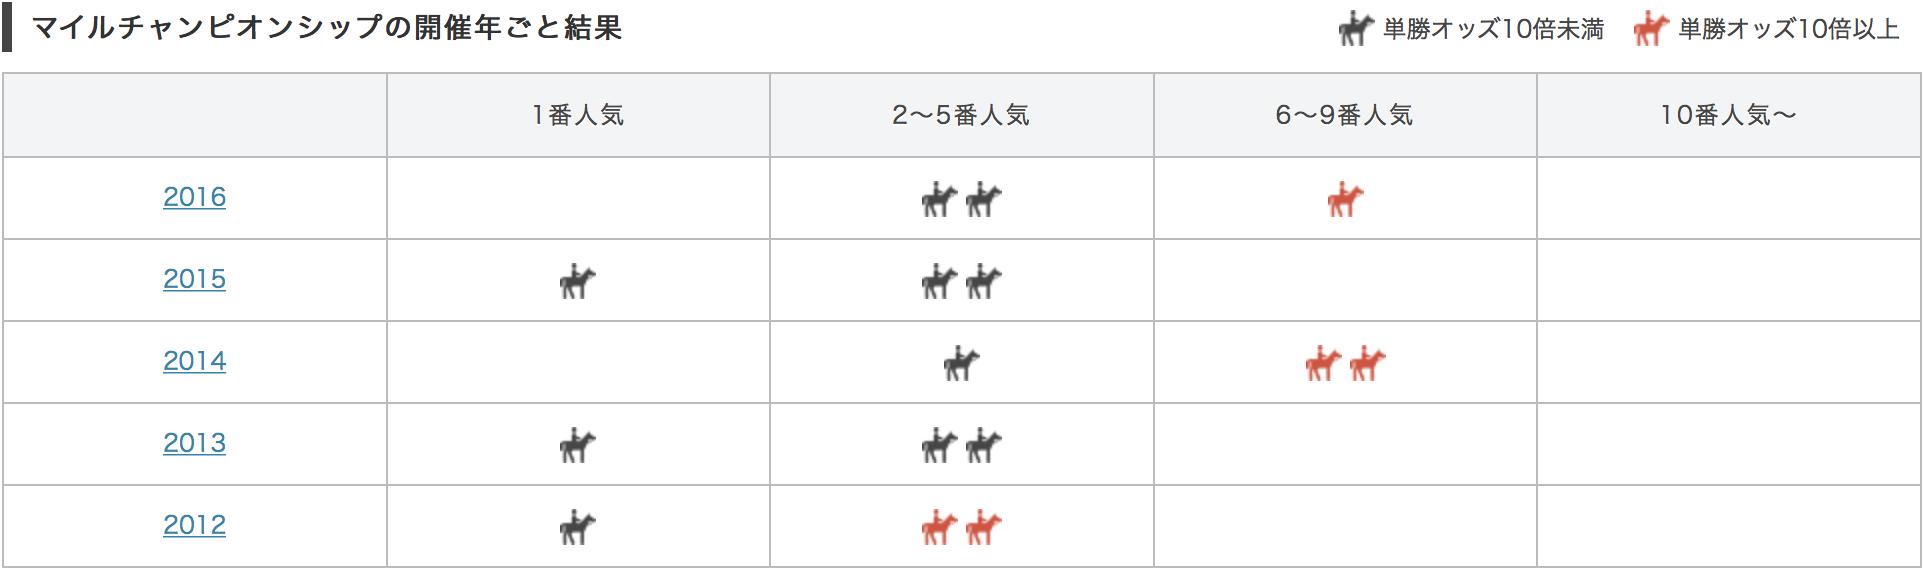 マイルチャンピオンシップ2017単勝人気別データ